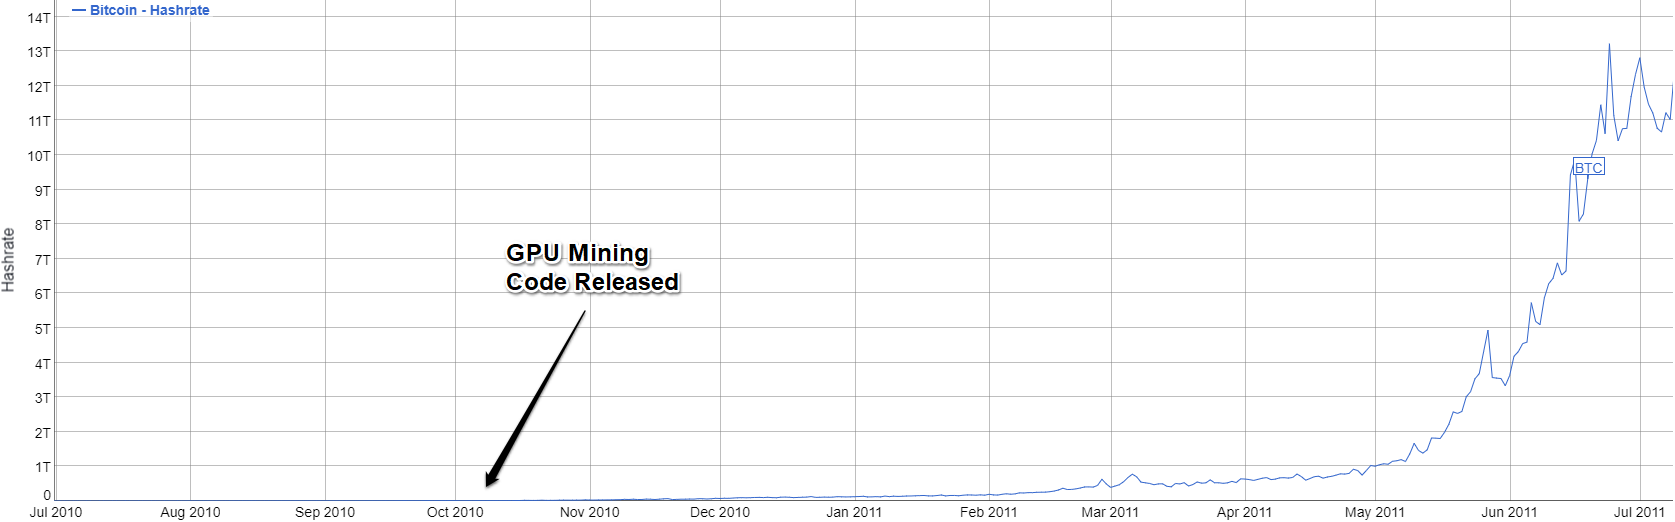 https://bitinfocharts.com/comparison/bitcoin-hashrate.html